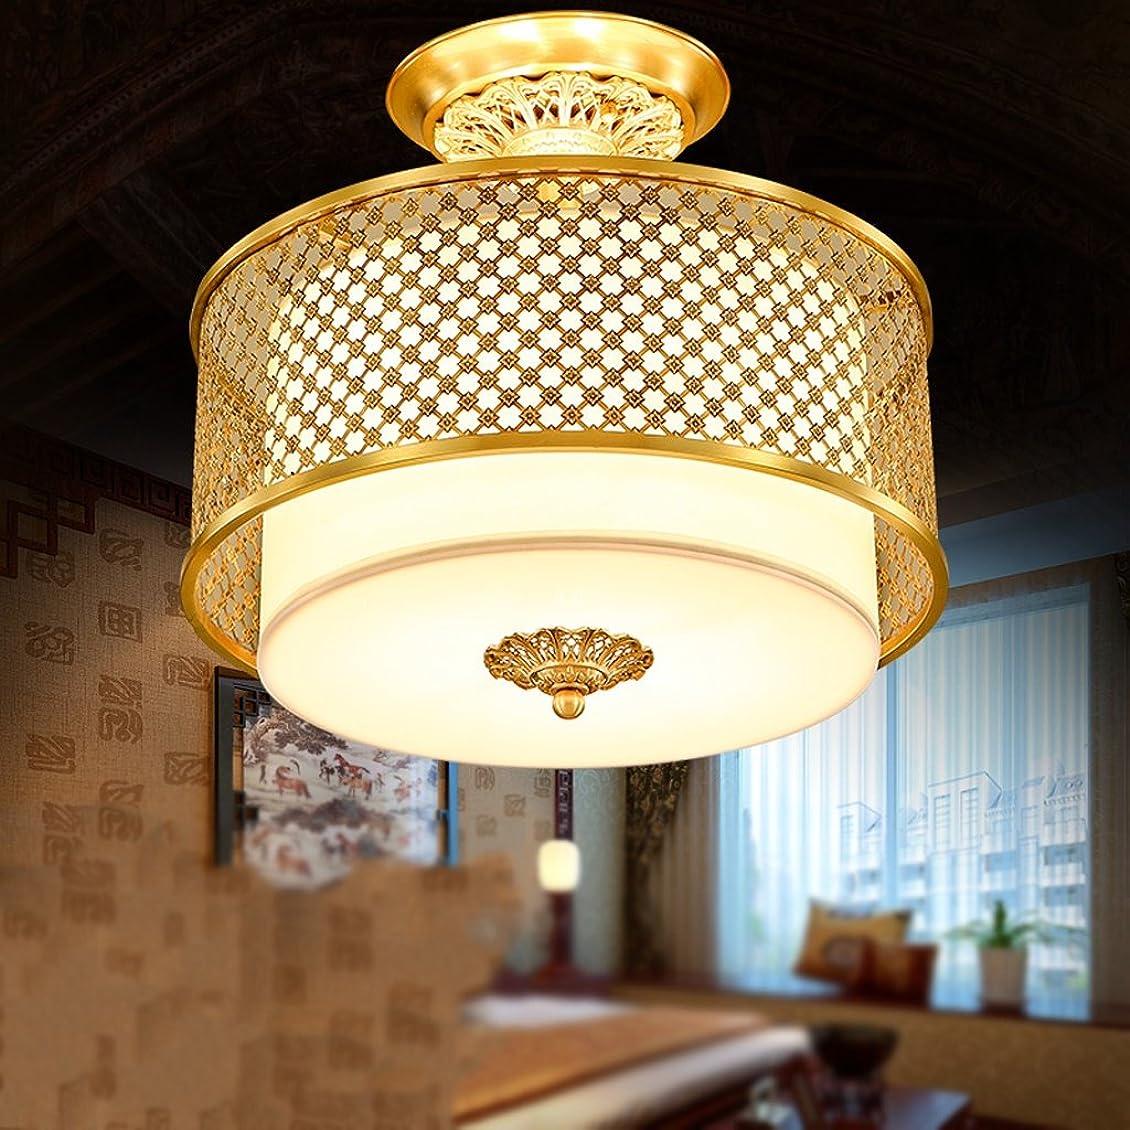 喜ぶスキップ博物館YSYYSH 銅の天井ランプレストランライト暖かい寝室ランプパーソナライズされたインテリア照明創造的な天井ランプ 寝室の装飾ライト (Size : 40*30cm)